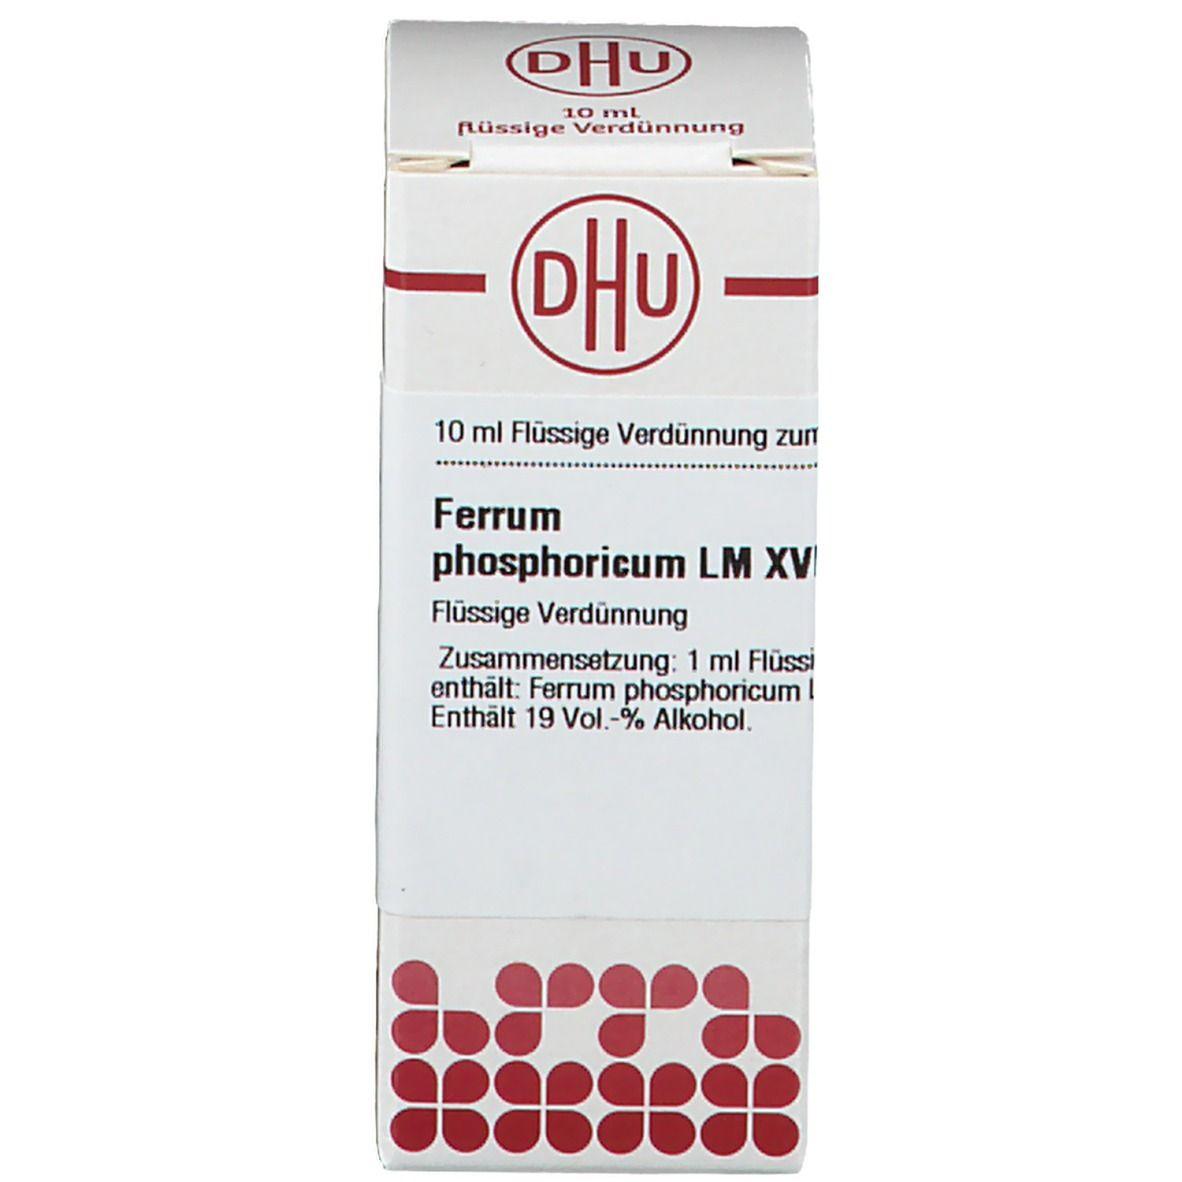 DHU Ferrum Phosphoricum LM XVIII